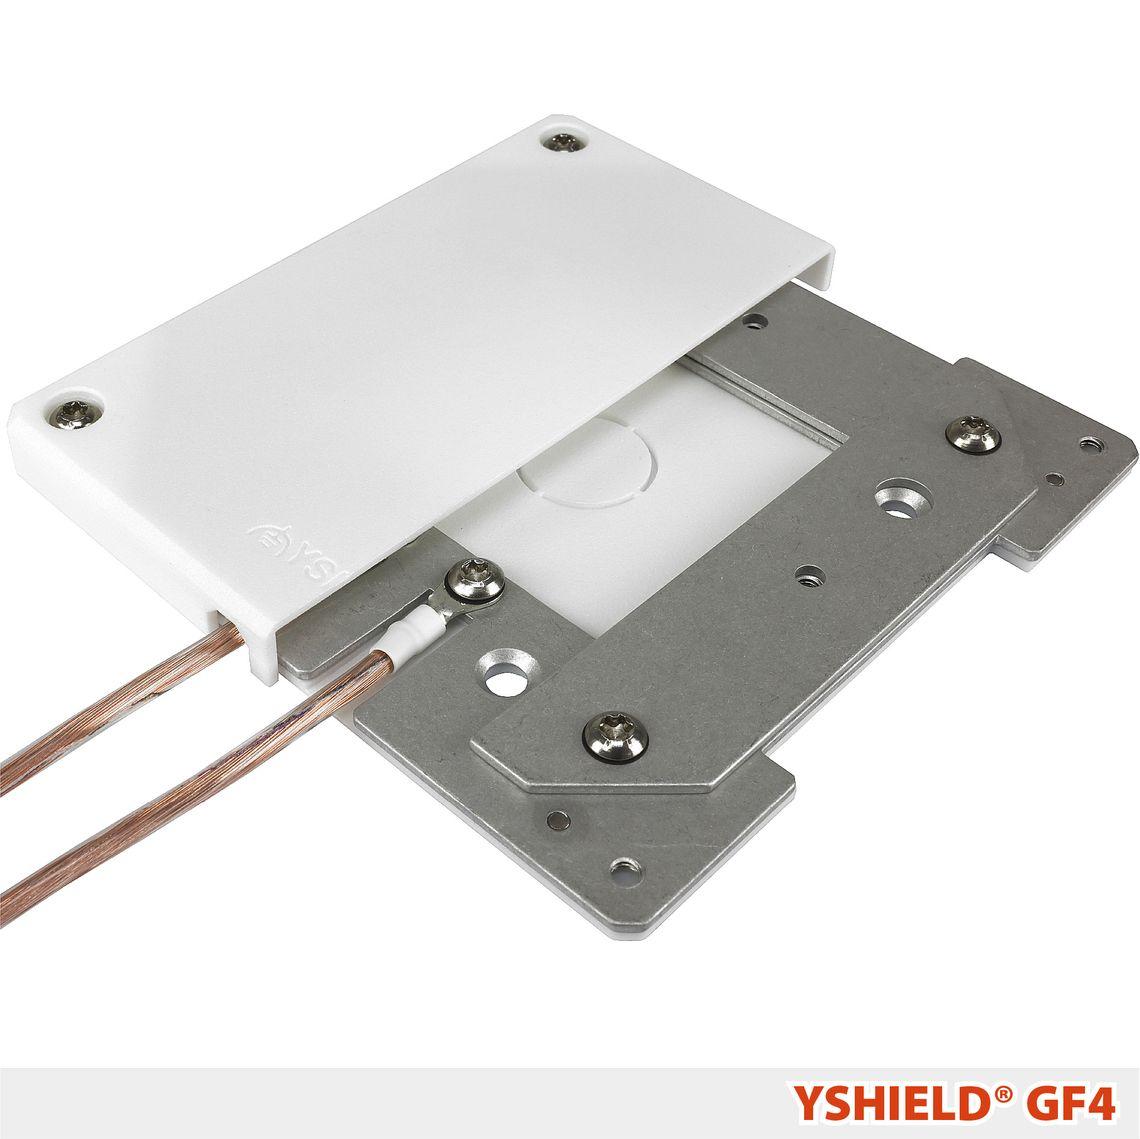 YSHIELD® GF4 | Erdungsgehäuse 120x120 mm